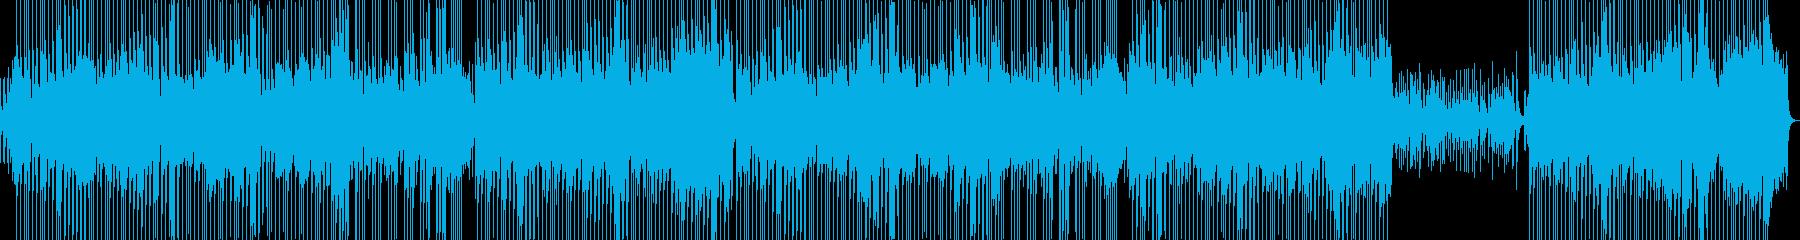 よさこい風の和なアコースティックBGMの再生済みの波形